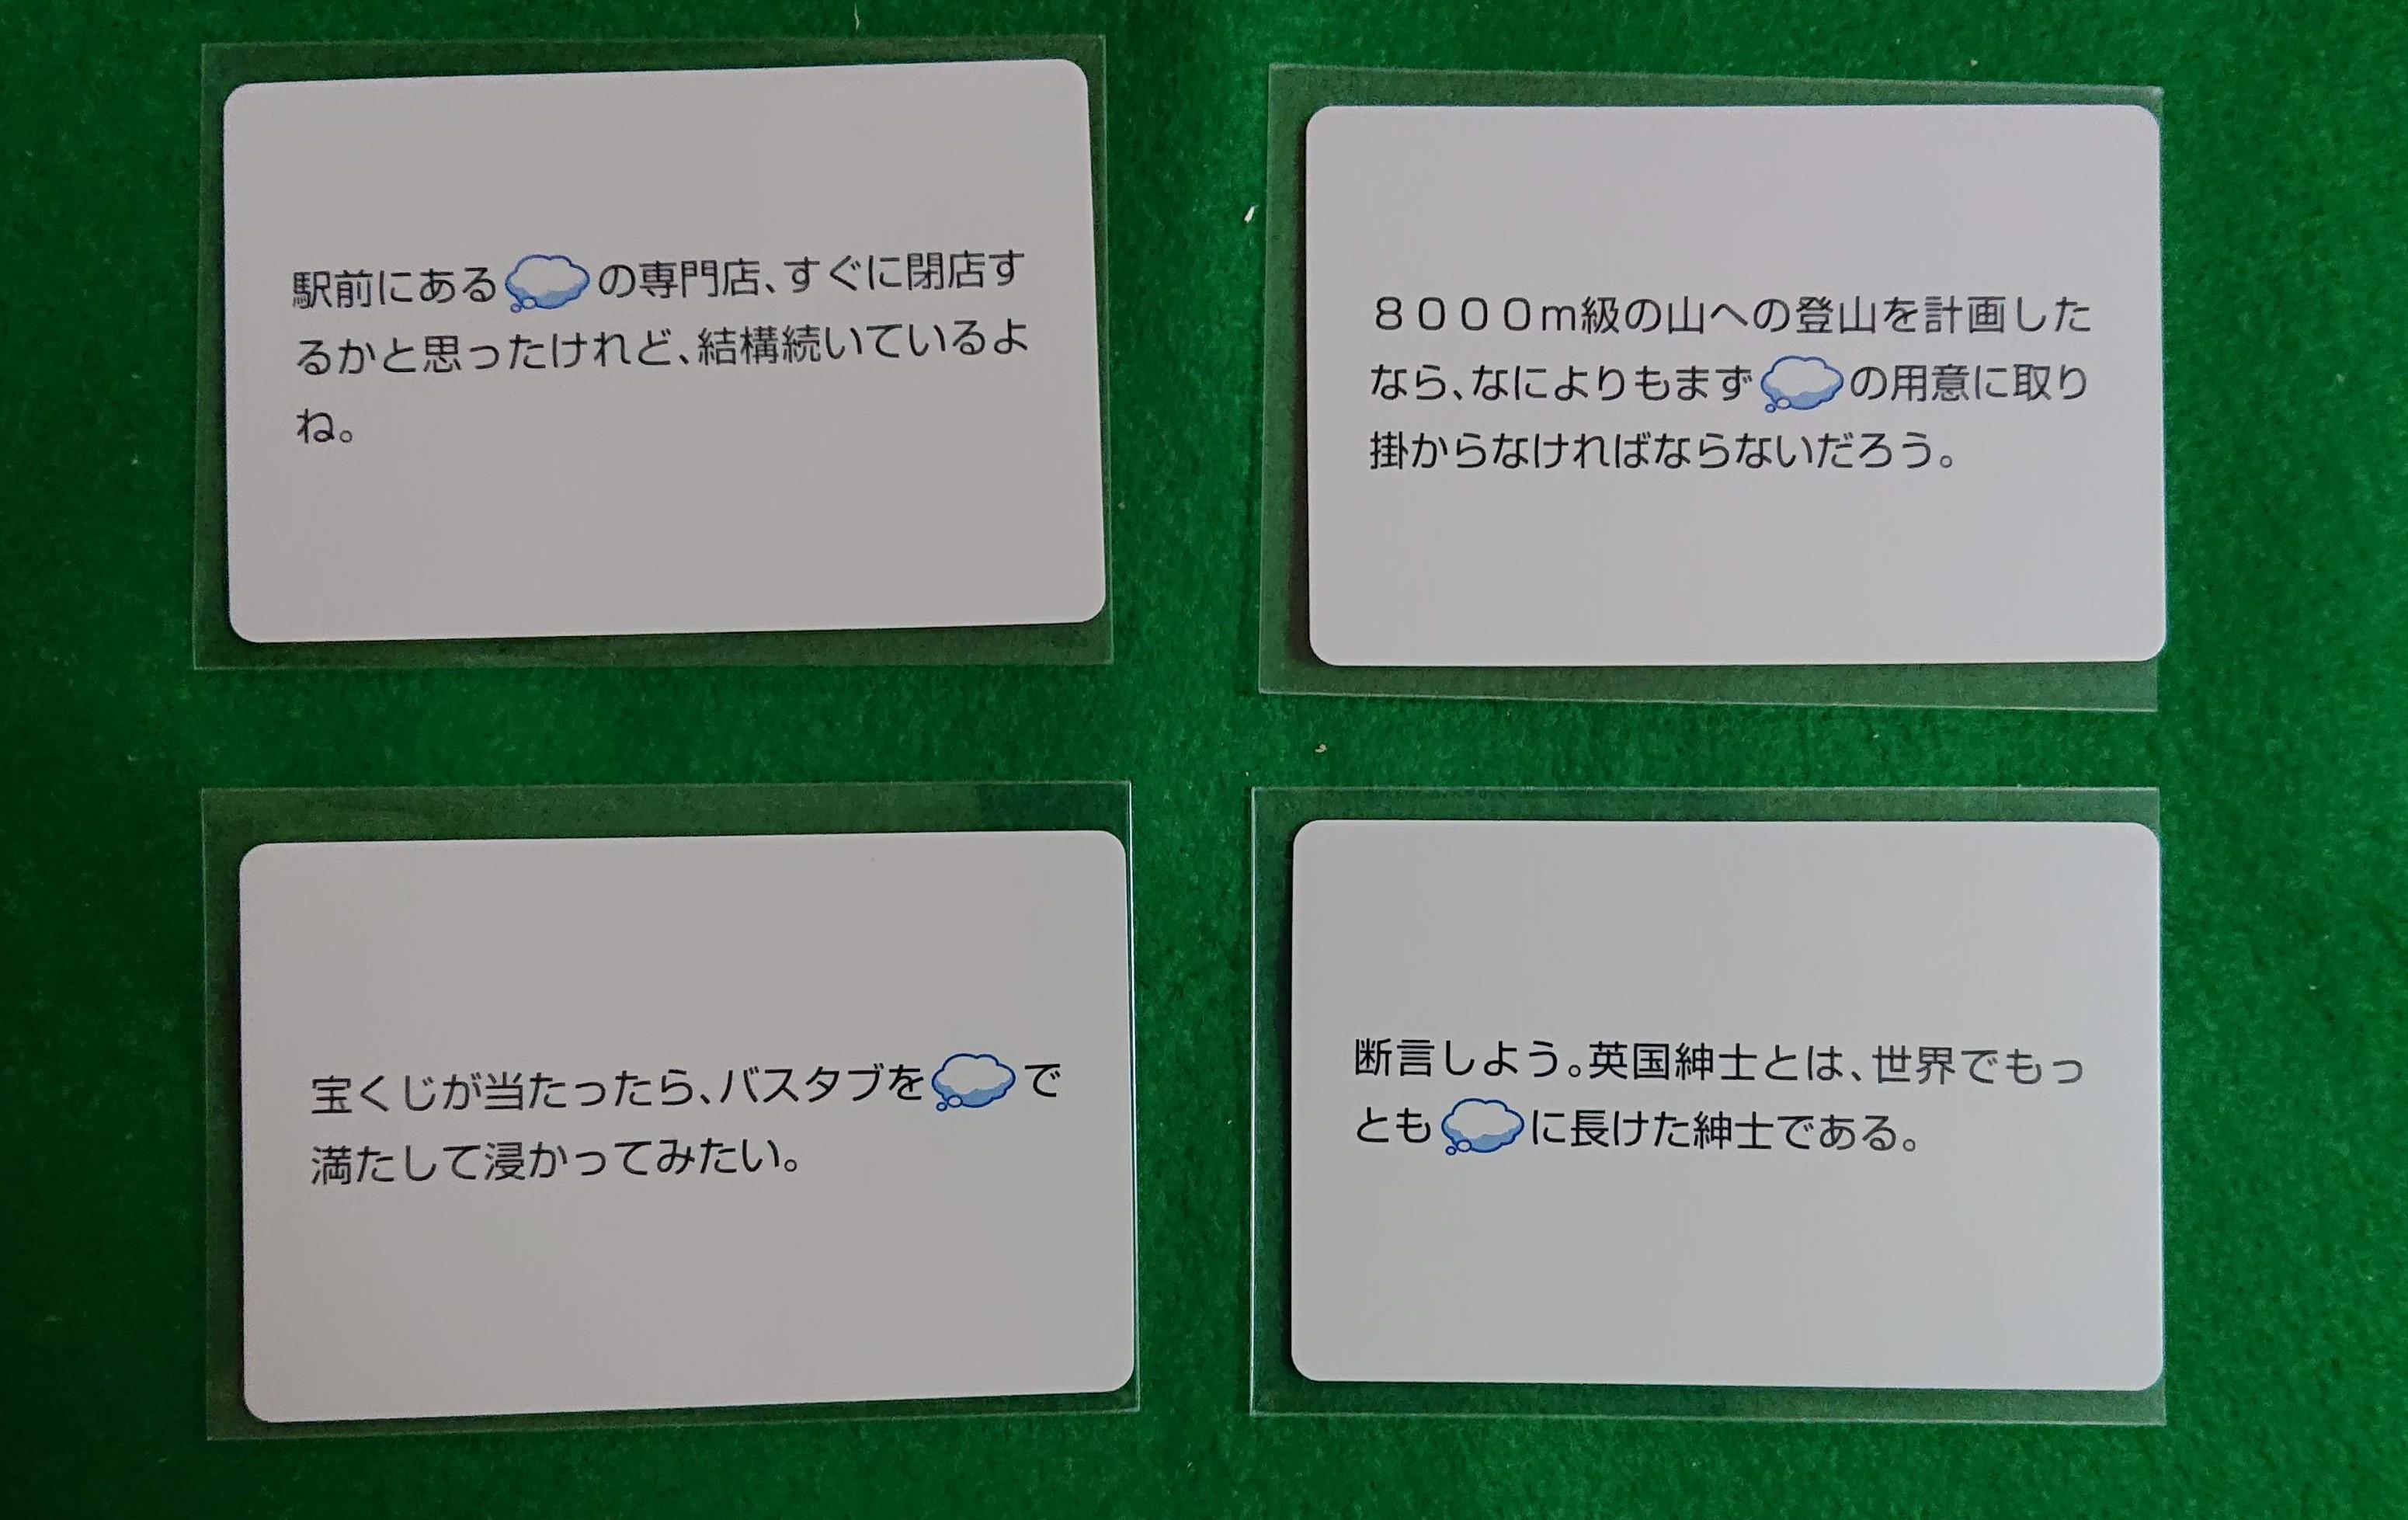 私の世界の見方 大喜利系カードゲーム 相手の感性に合う言葉を探そう! ルール説明 ボードゲーム